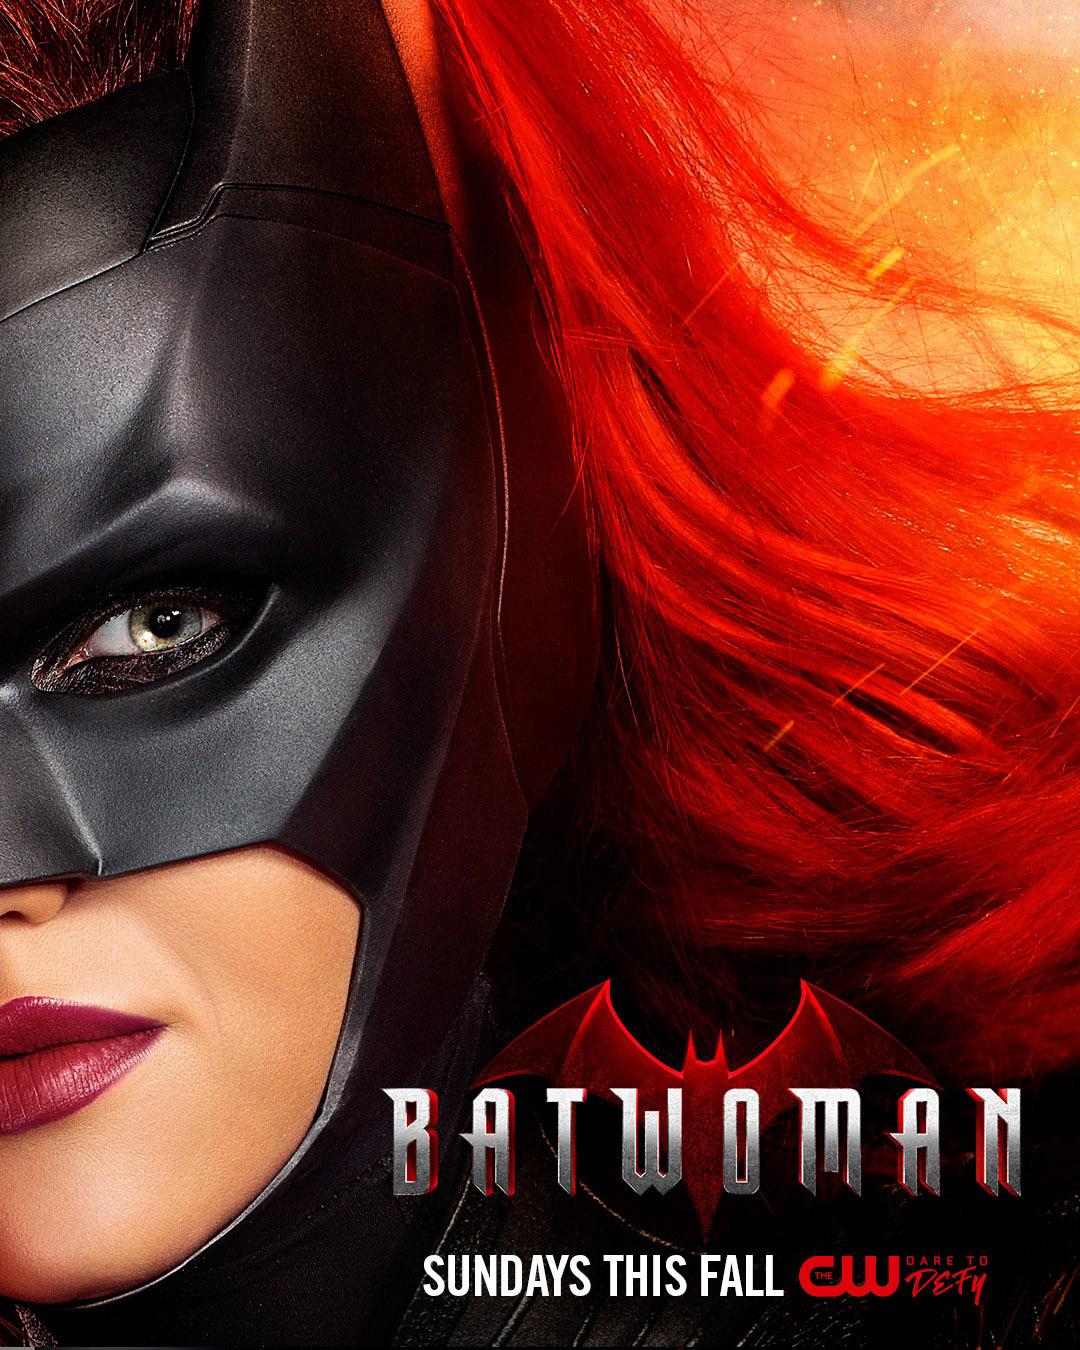 Постер для 1 сезона сериала Бэтвумен